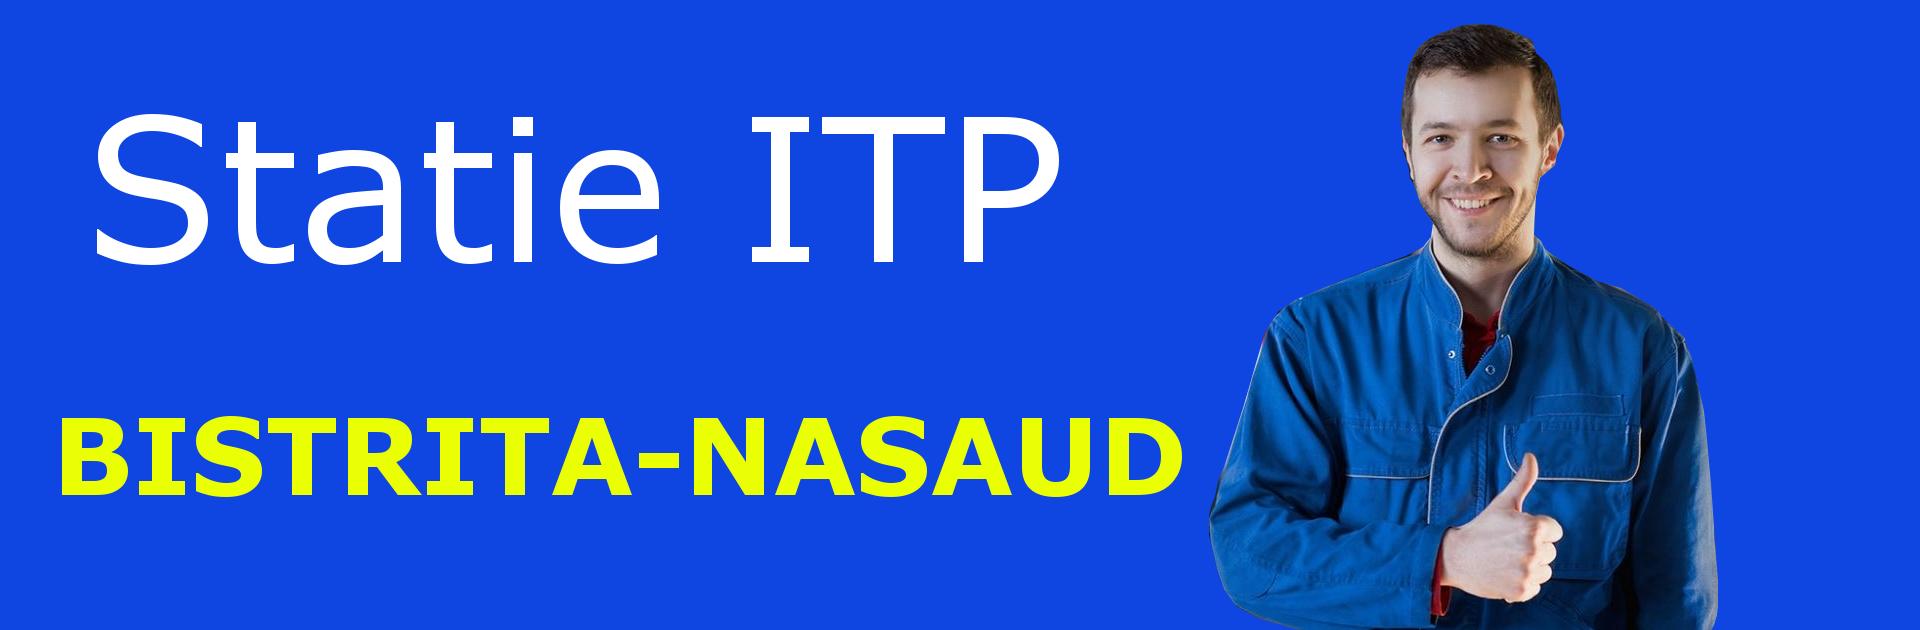 Banner ITP BISTRITA-NASAUD